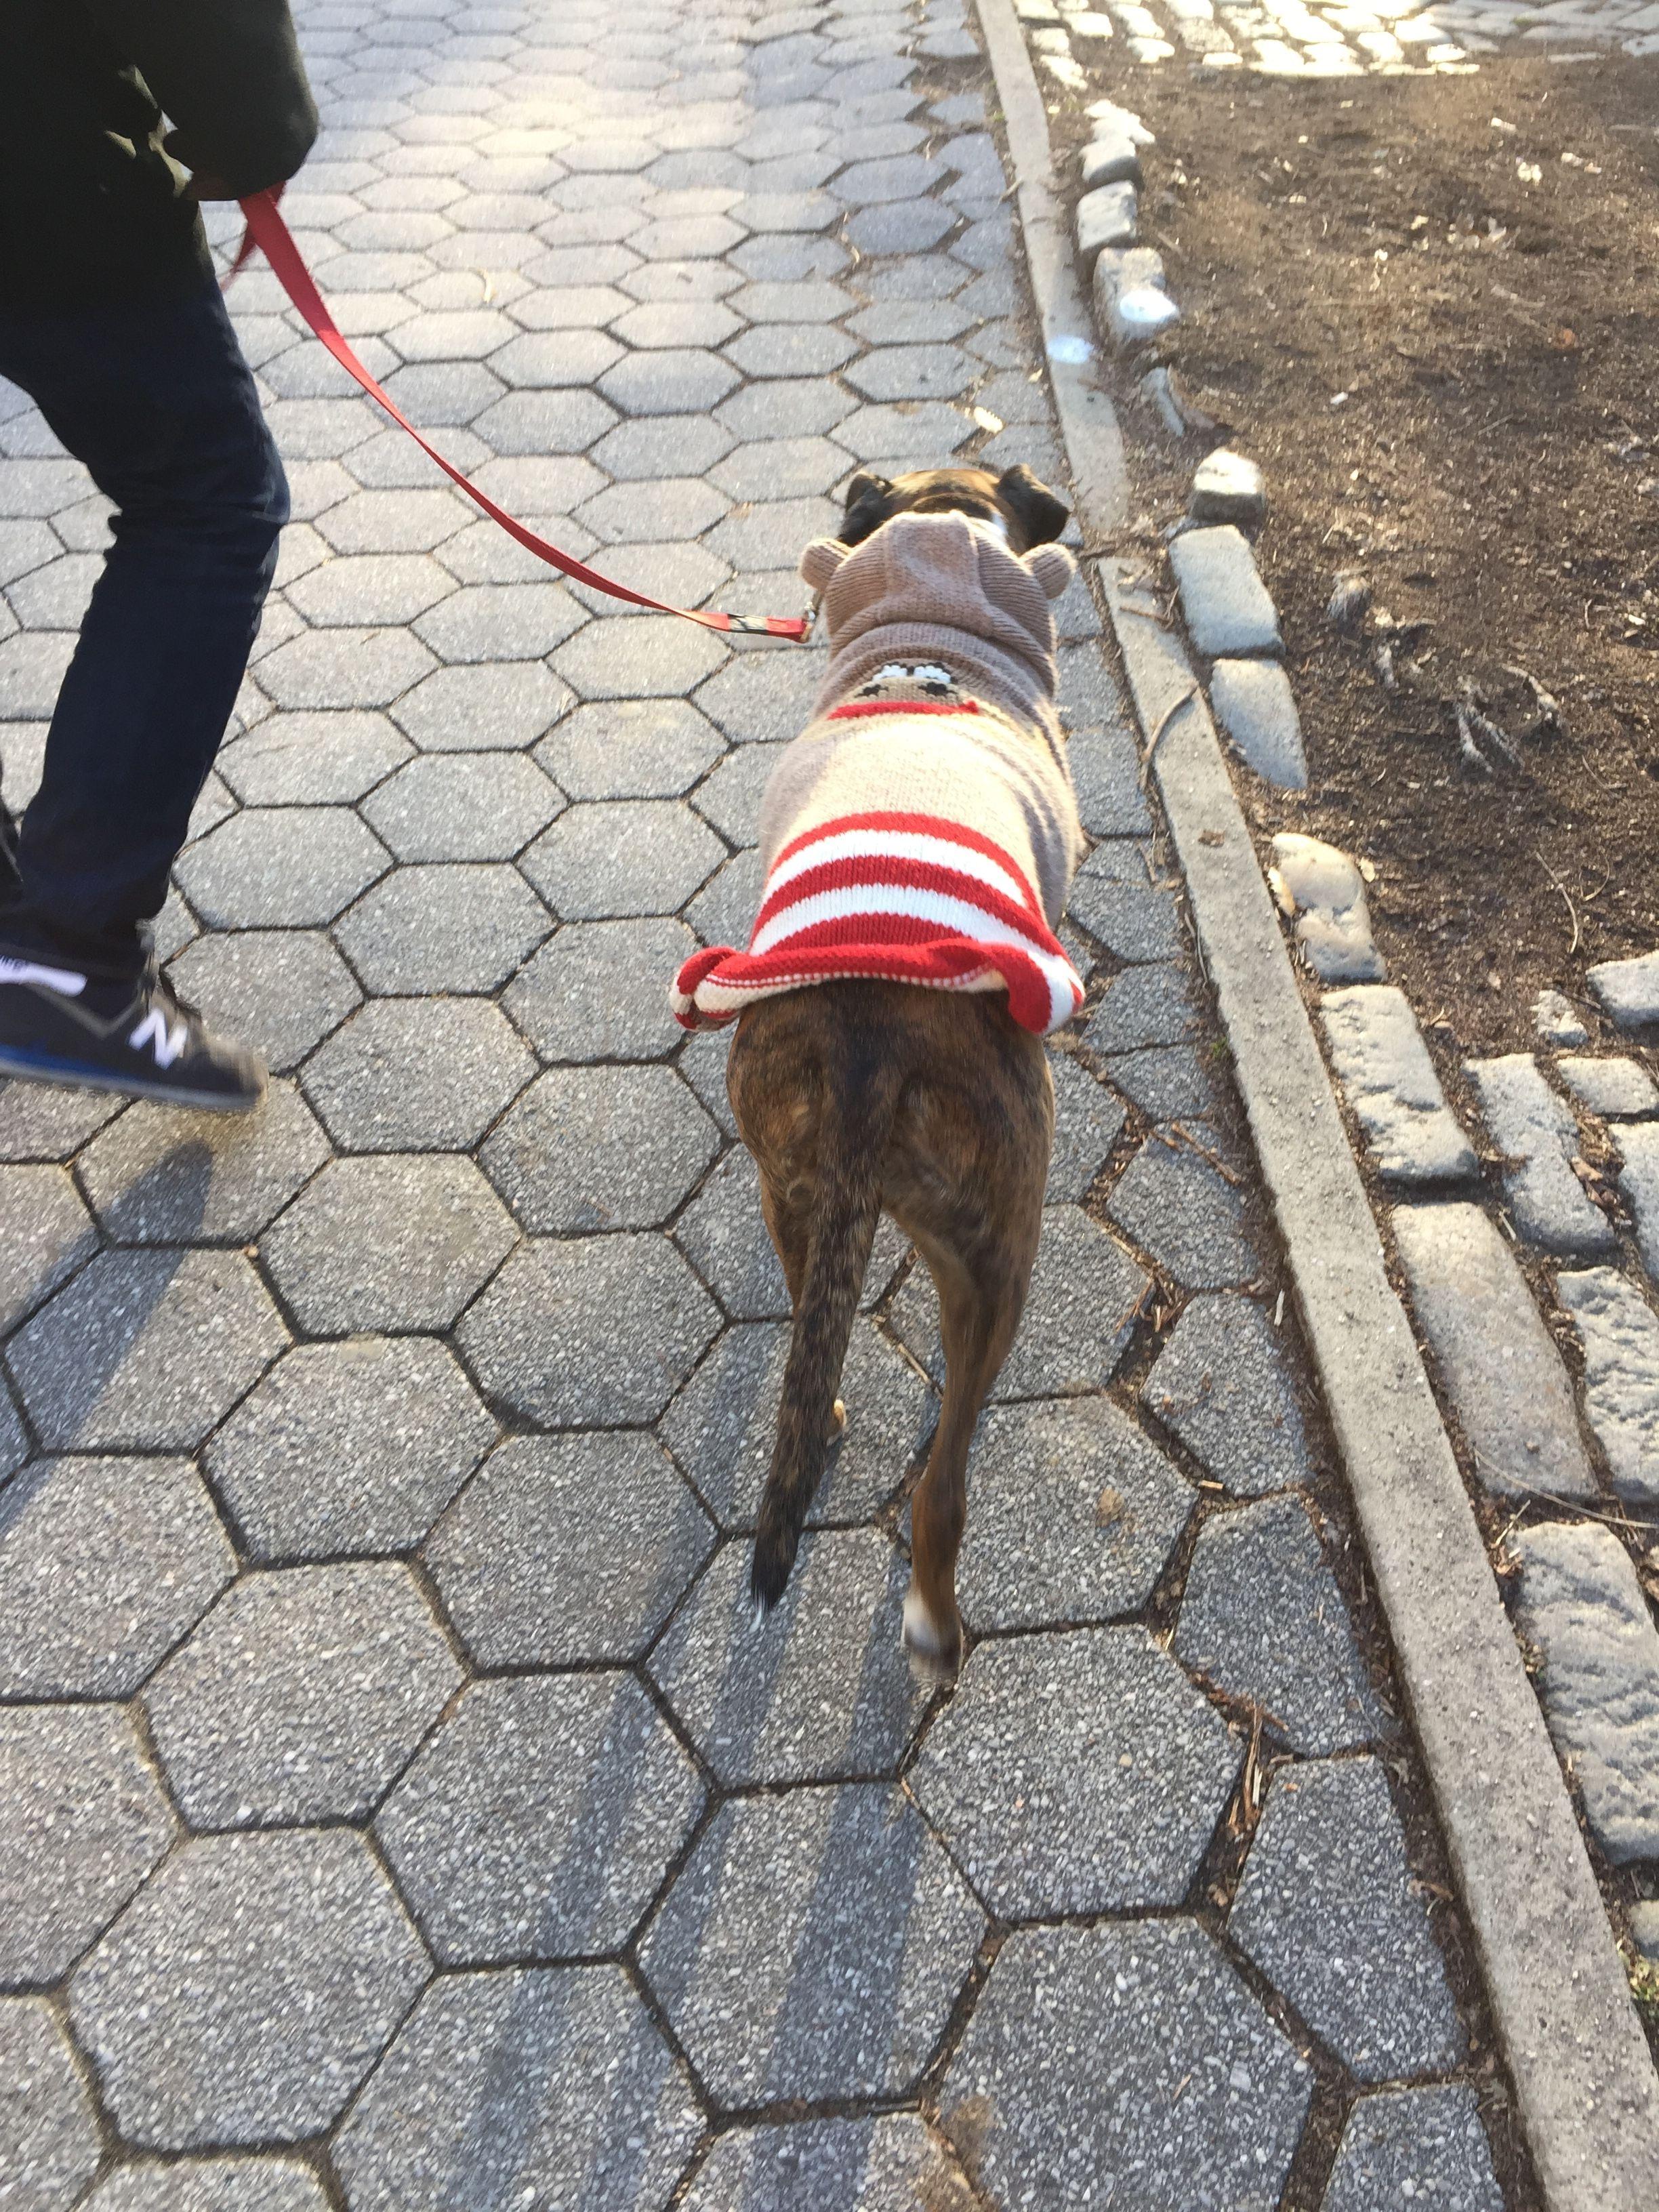 ニューヨークでは犬もファッション 冬になると多くの犬が可愛い服を来て街を歩く姿をみることができます 犬 ニューヨーク ファッション 服 ワンちゃん 散歩 ペット New York